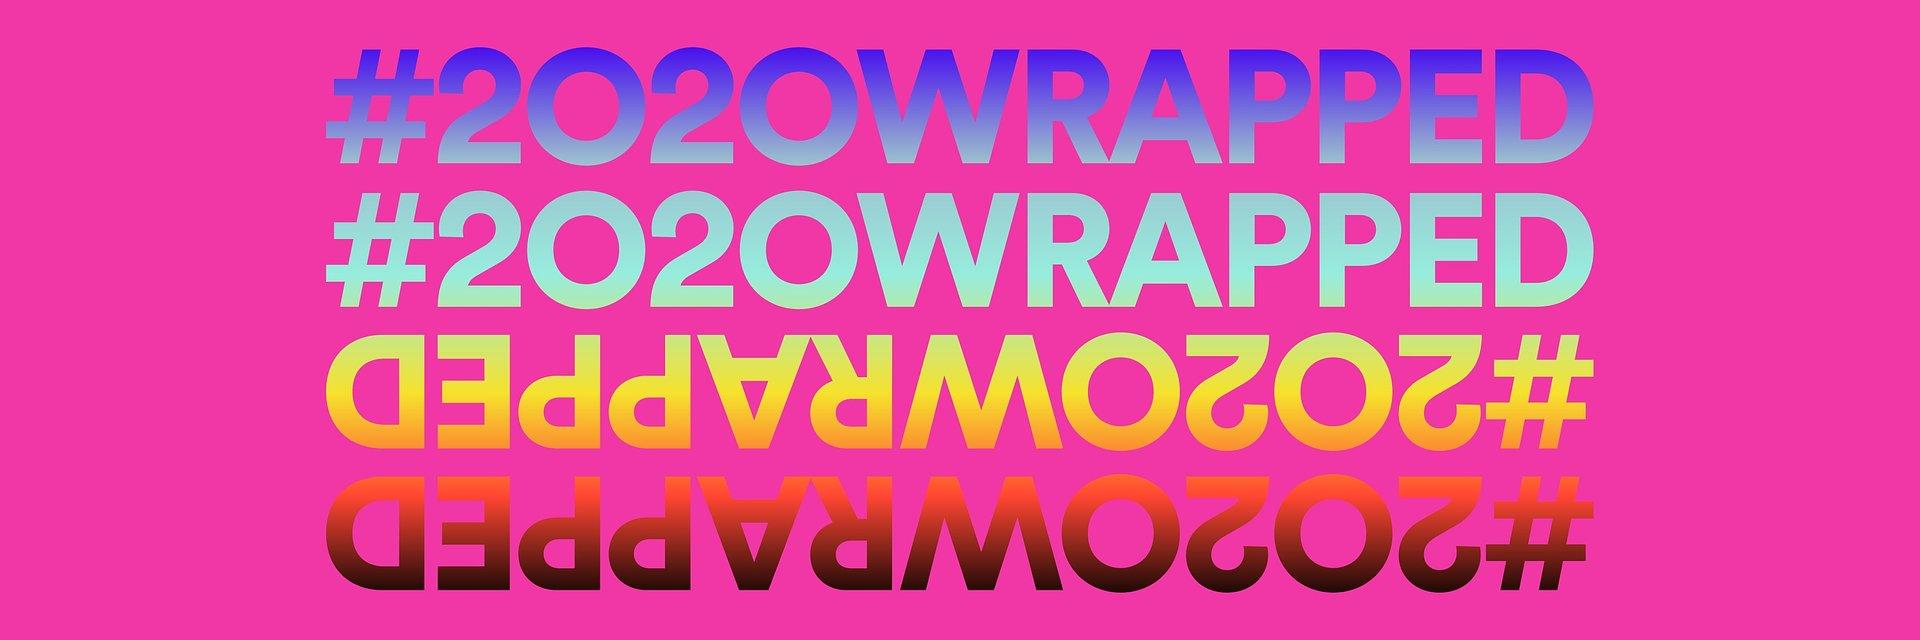 Rytmy latino czy rapowe wersy? Sprawdź, czego słuchała Polska i świat w 2020 roku w corocznym podsumowaniu Spotify Wrapped